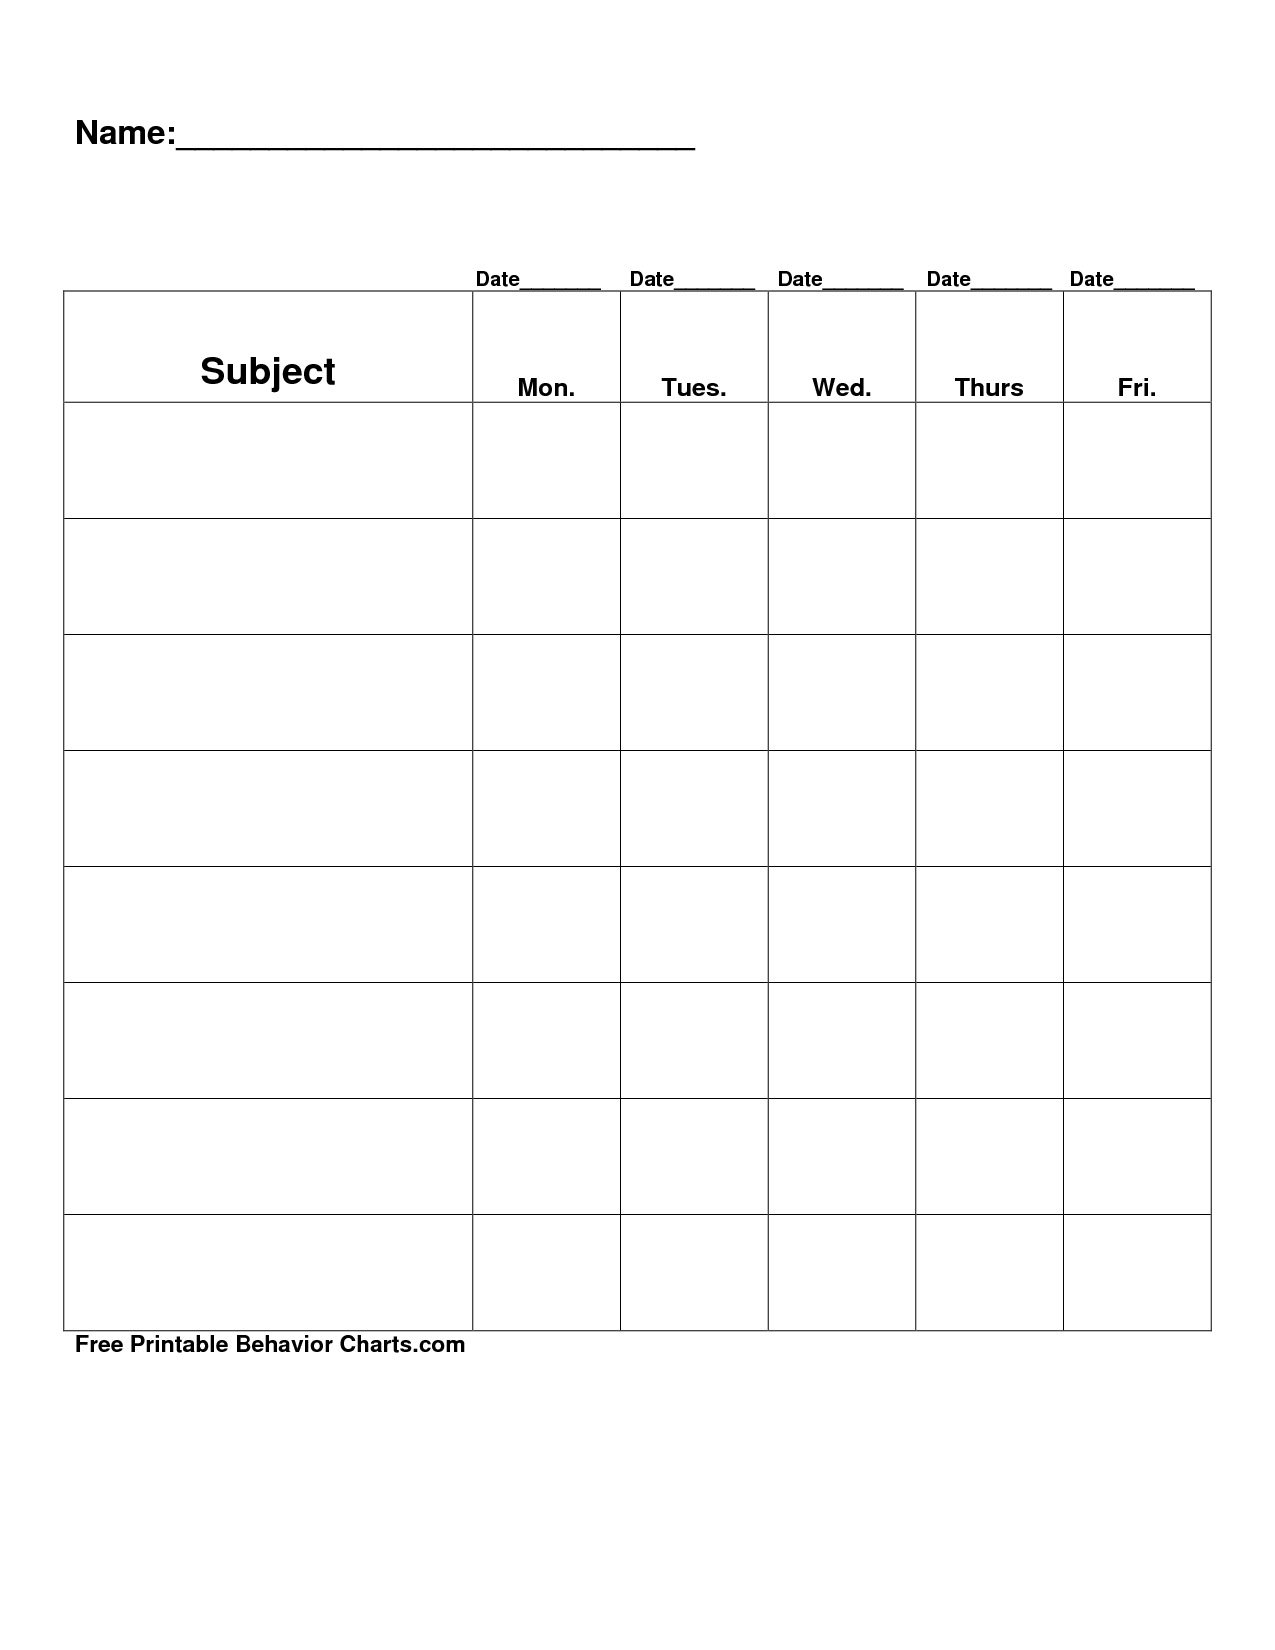 Free Printable Blank Charts   Free Printable Behavior Charts Com - Free Printable Behavior Charts